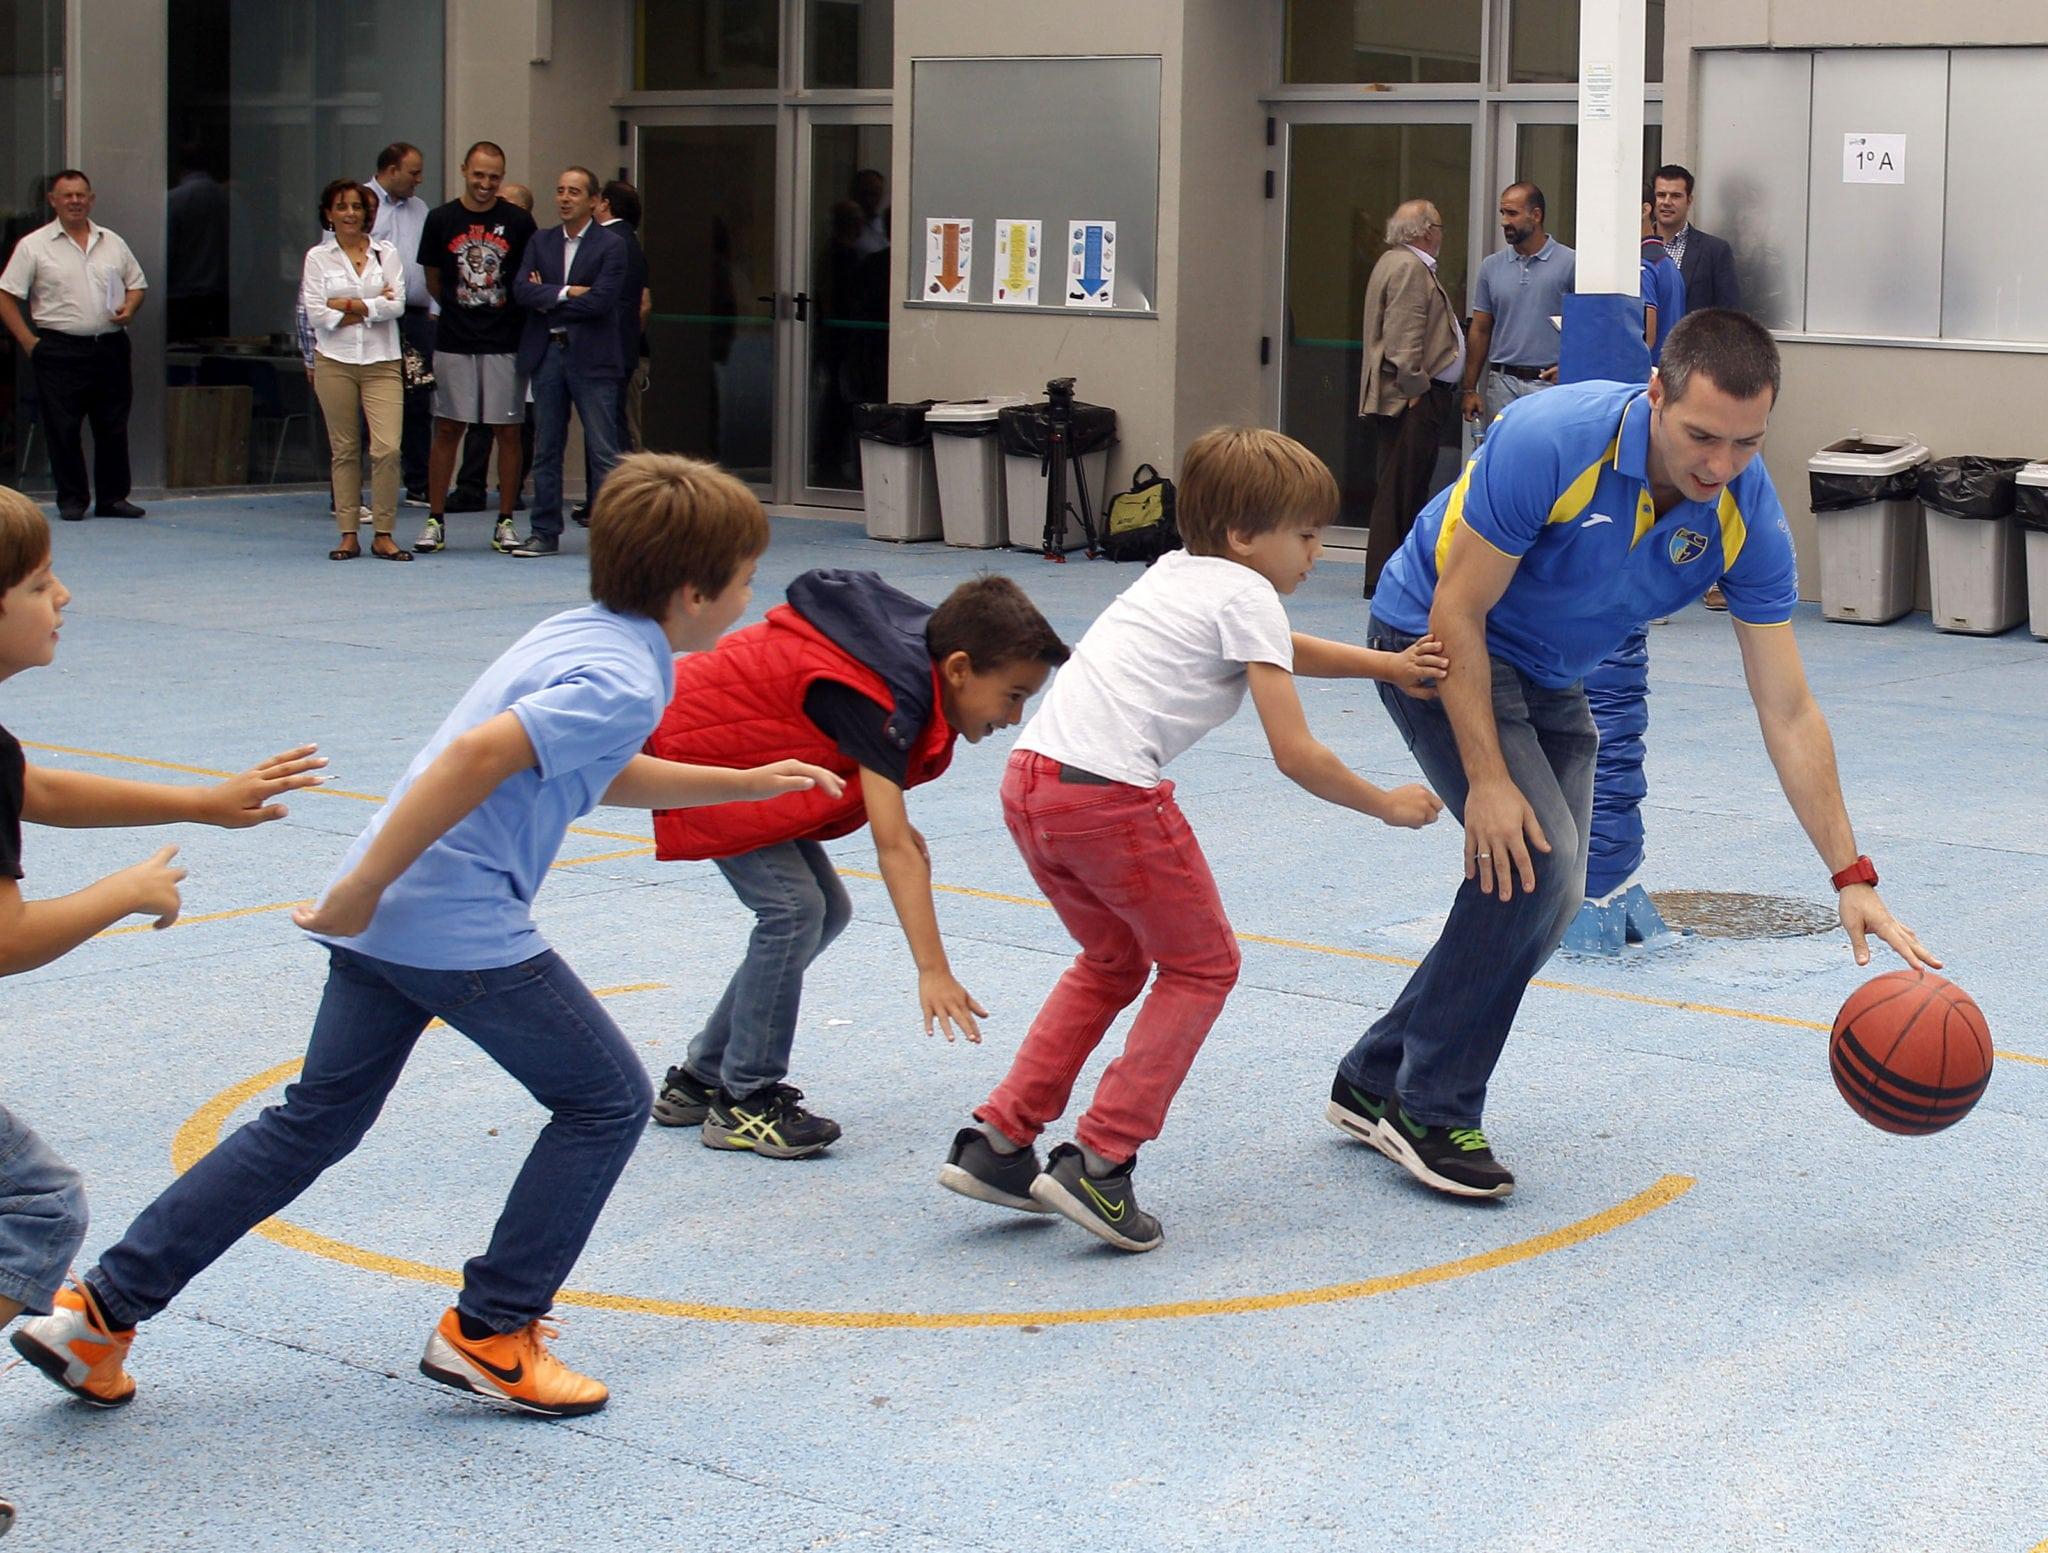 Vuelta al cole de Tuenti Móvil Estudiantes. Una presentación de patio de colegio para Nacho Martín, Javi Salgado y Pep Ortega en Las Tablas